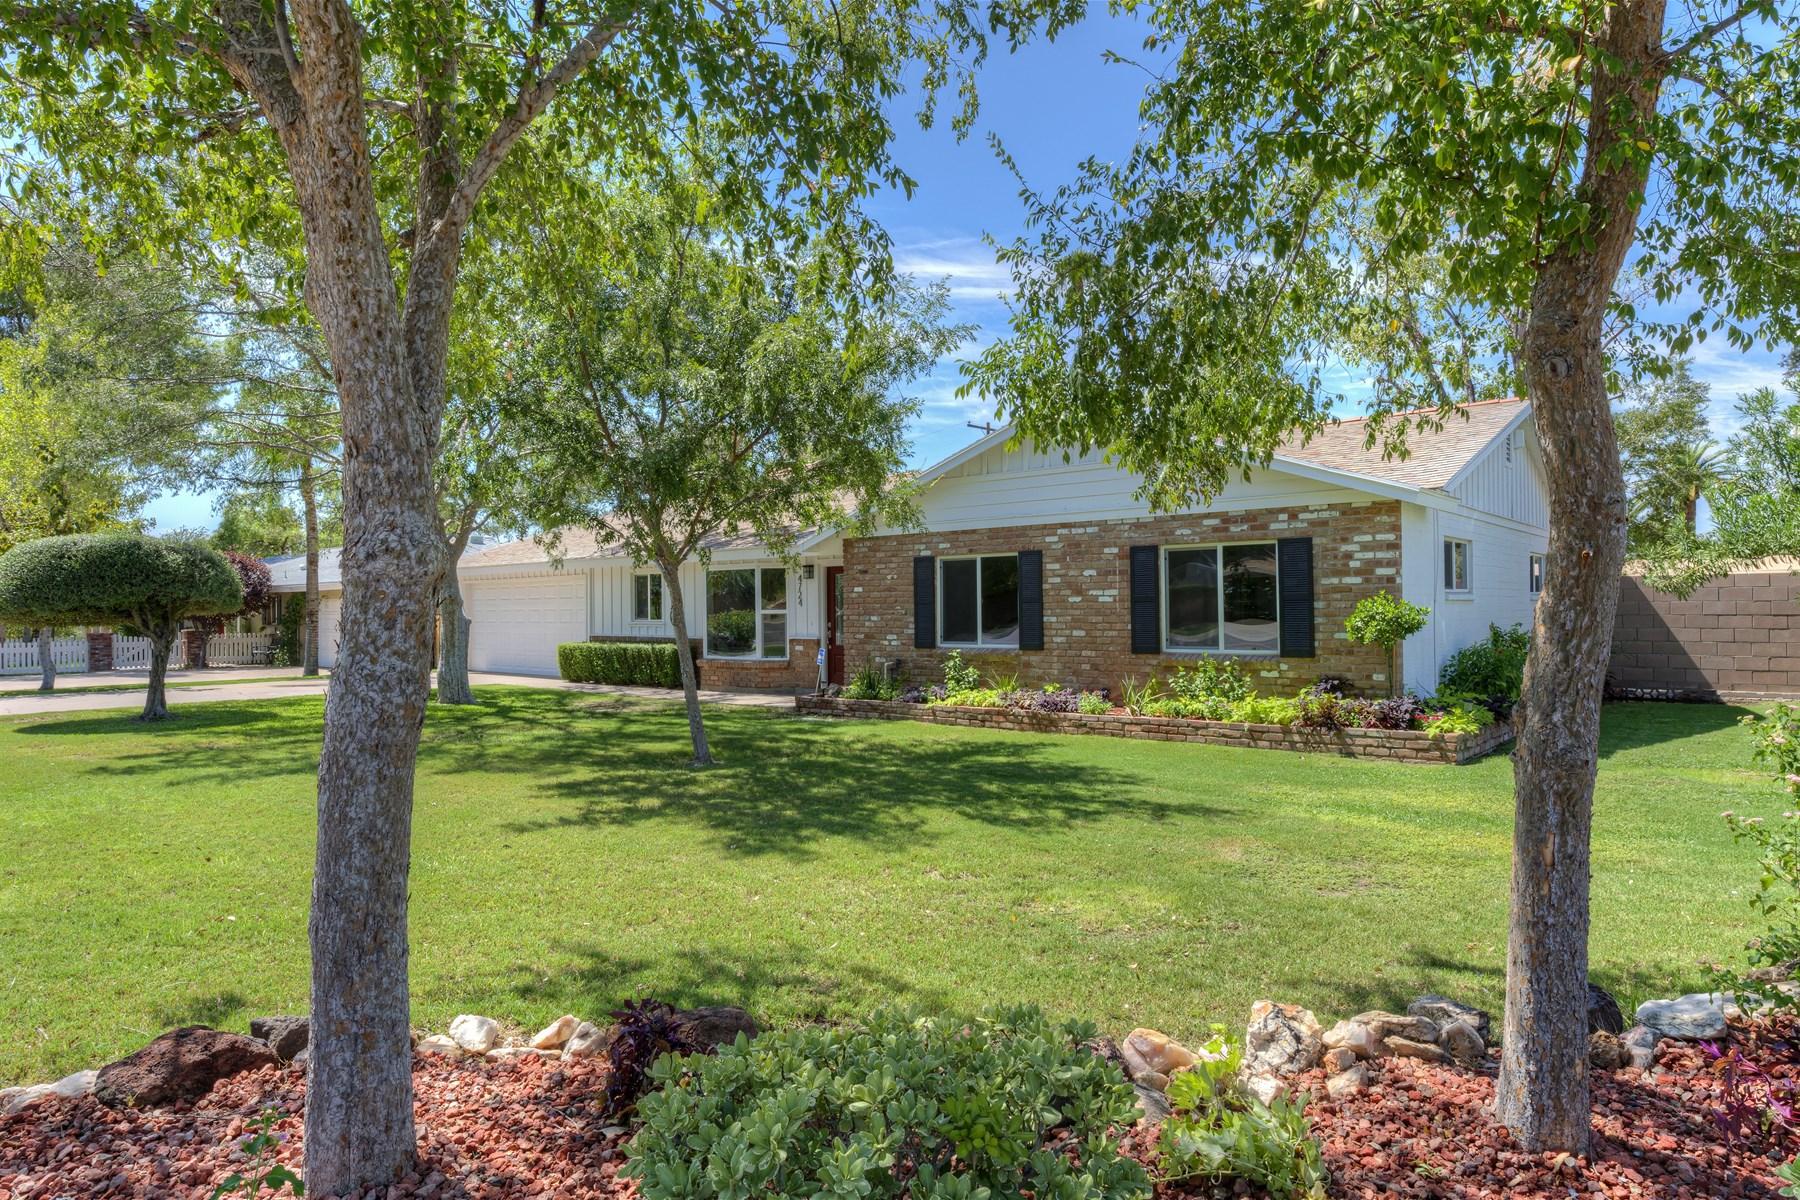 Частный односемейный дом для того Продажа на New contemporary home in Camelback estates 4724 N 36th St Phoenix, Аризона 85018 Соединенные Штаты